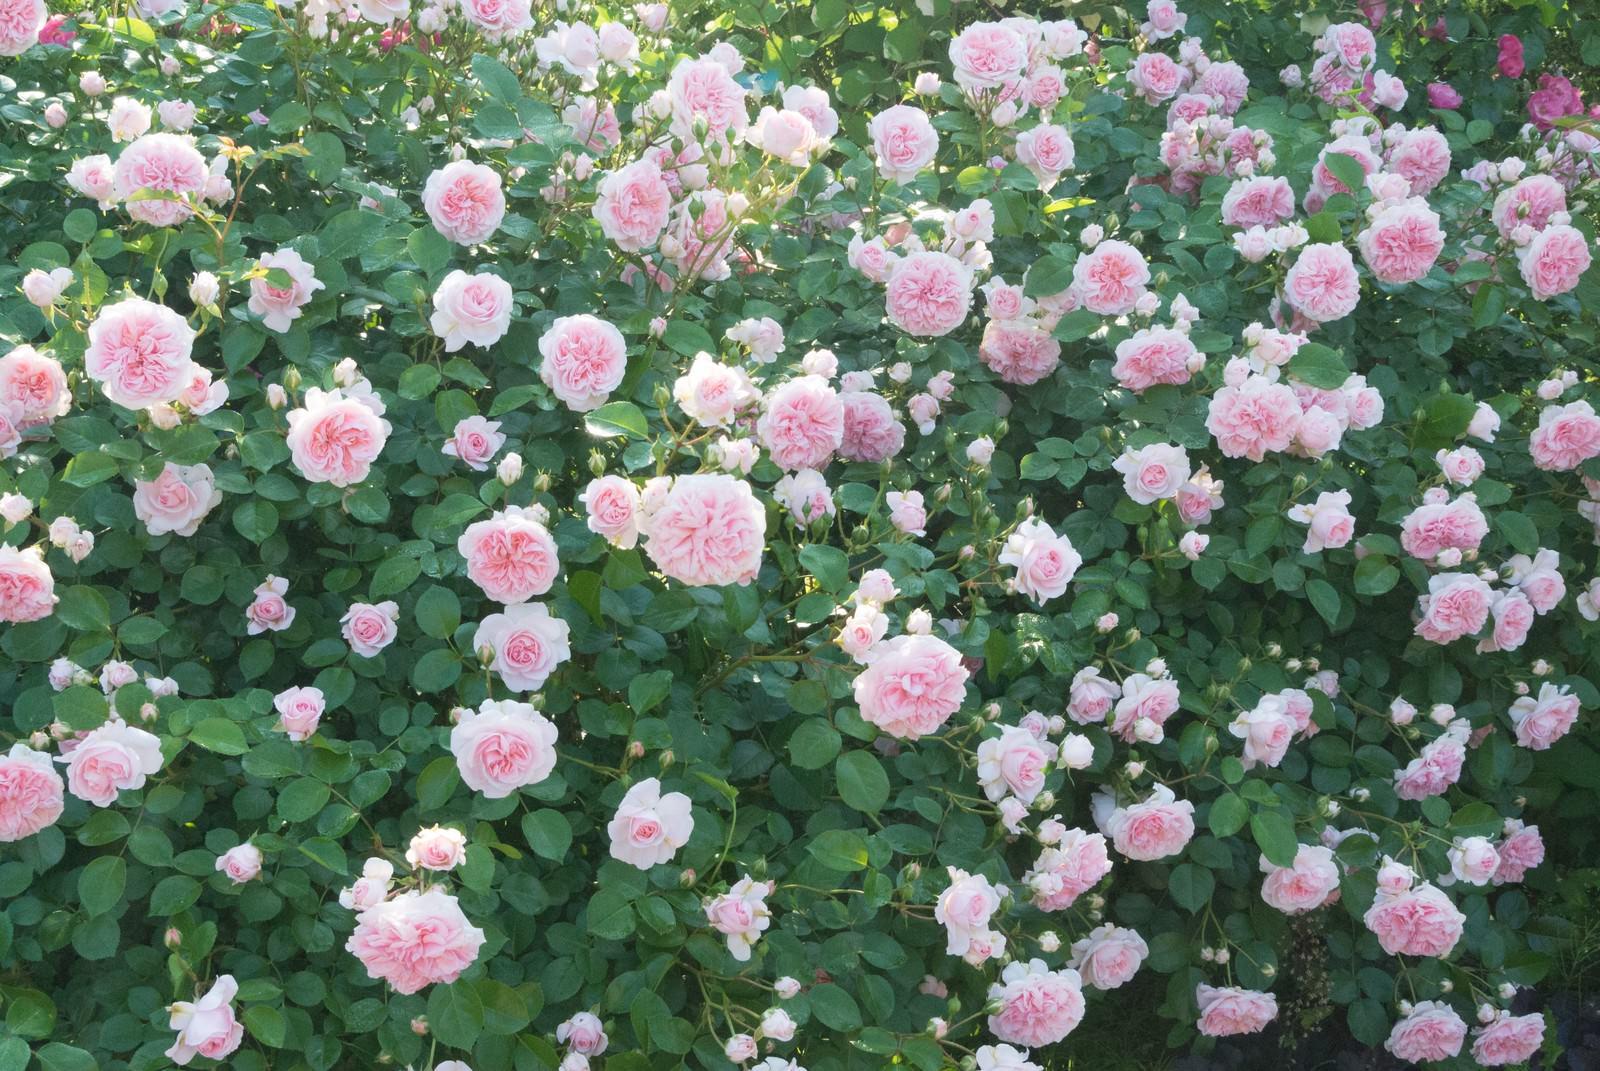 「ピンクのバラのテクスチャ」の写真